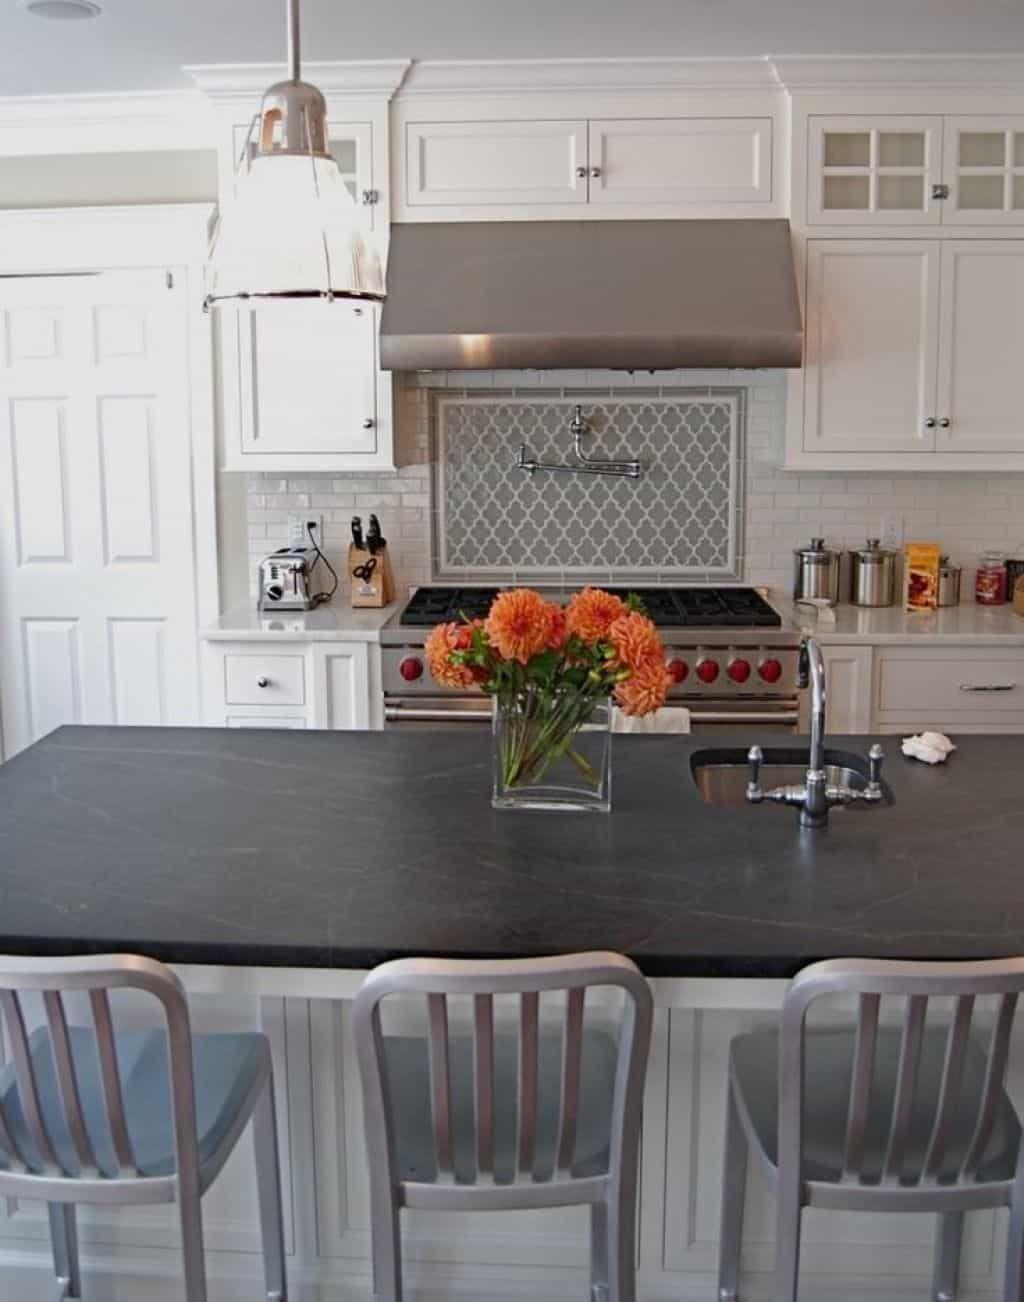 Installation Speckstein Arbeitsplatten In Ihrer Kuche Pick Up Ein Stein Aus Der Gegend Und Setzen Kleber Schieferkuche